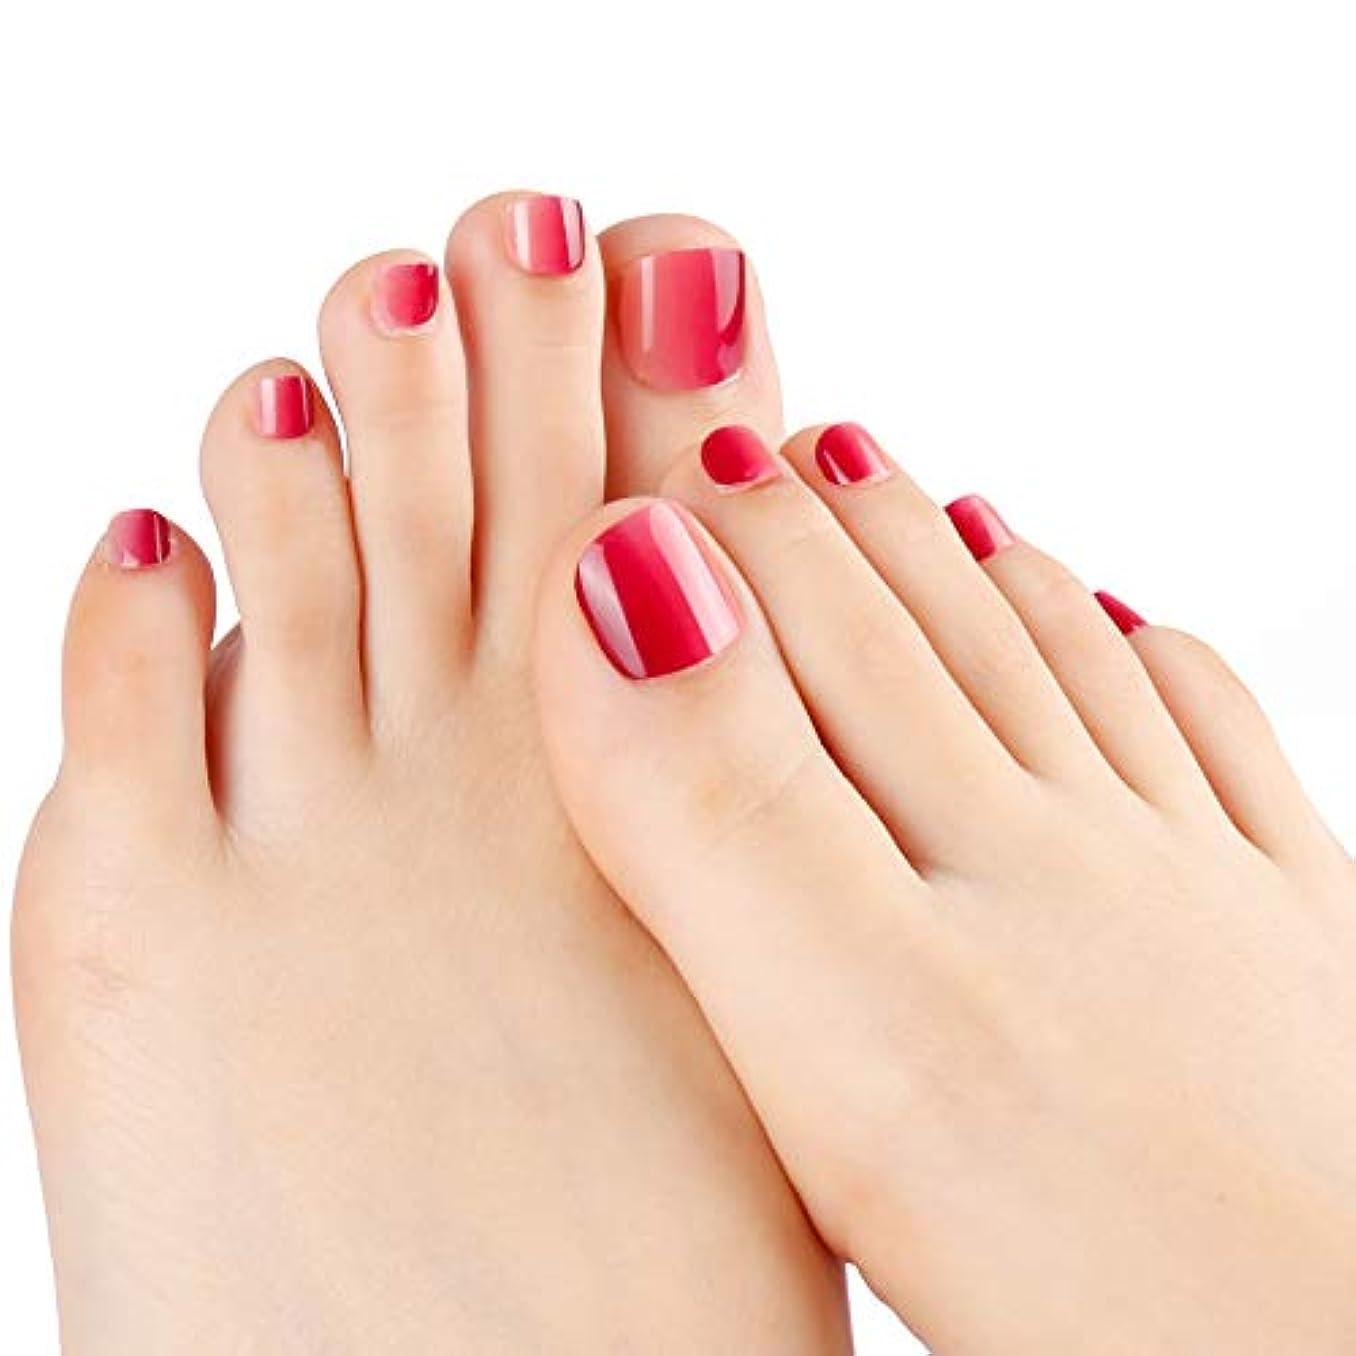 請求可能除外するモナリザネイルチップ 24枚 12別サイズ つや 足の爪 ピンク グラデーション 短い 四角形 フルカバー